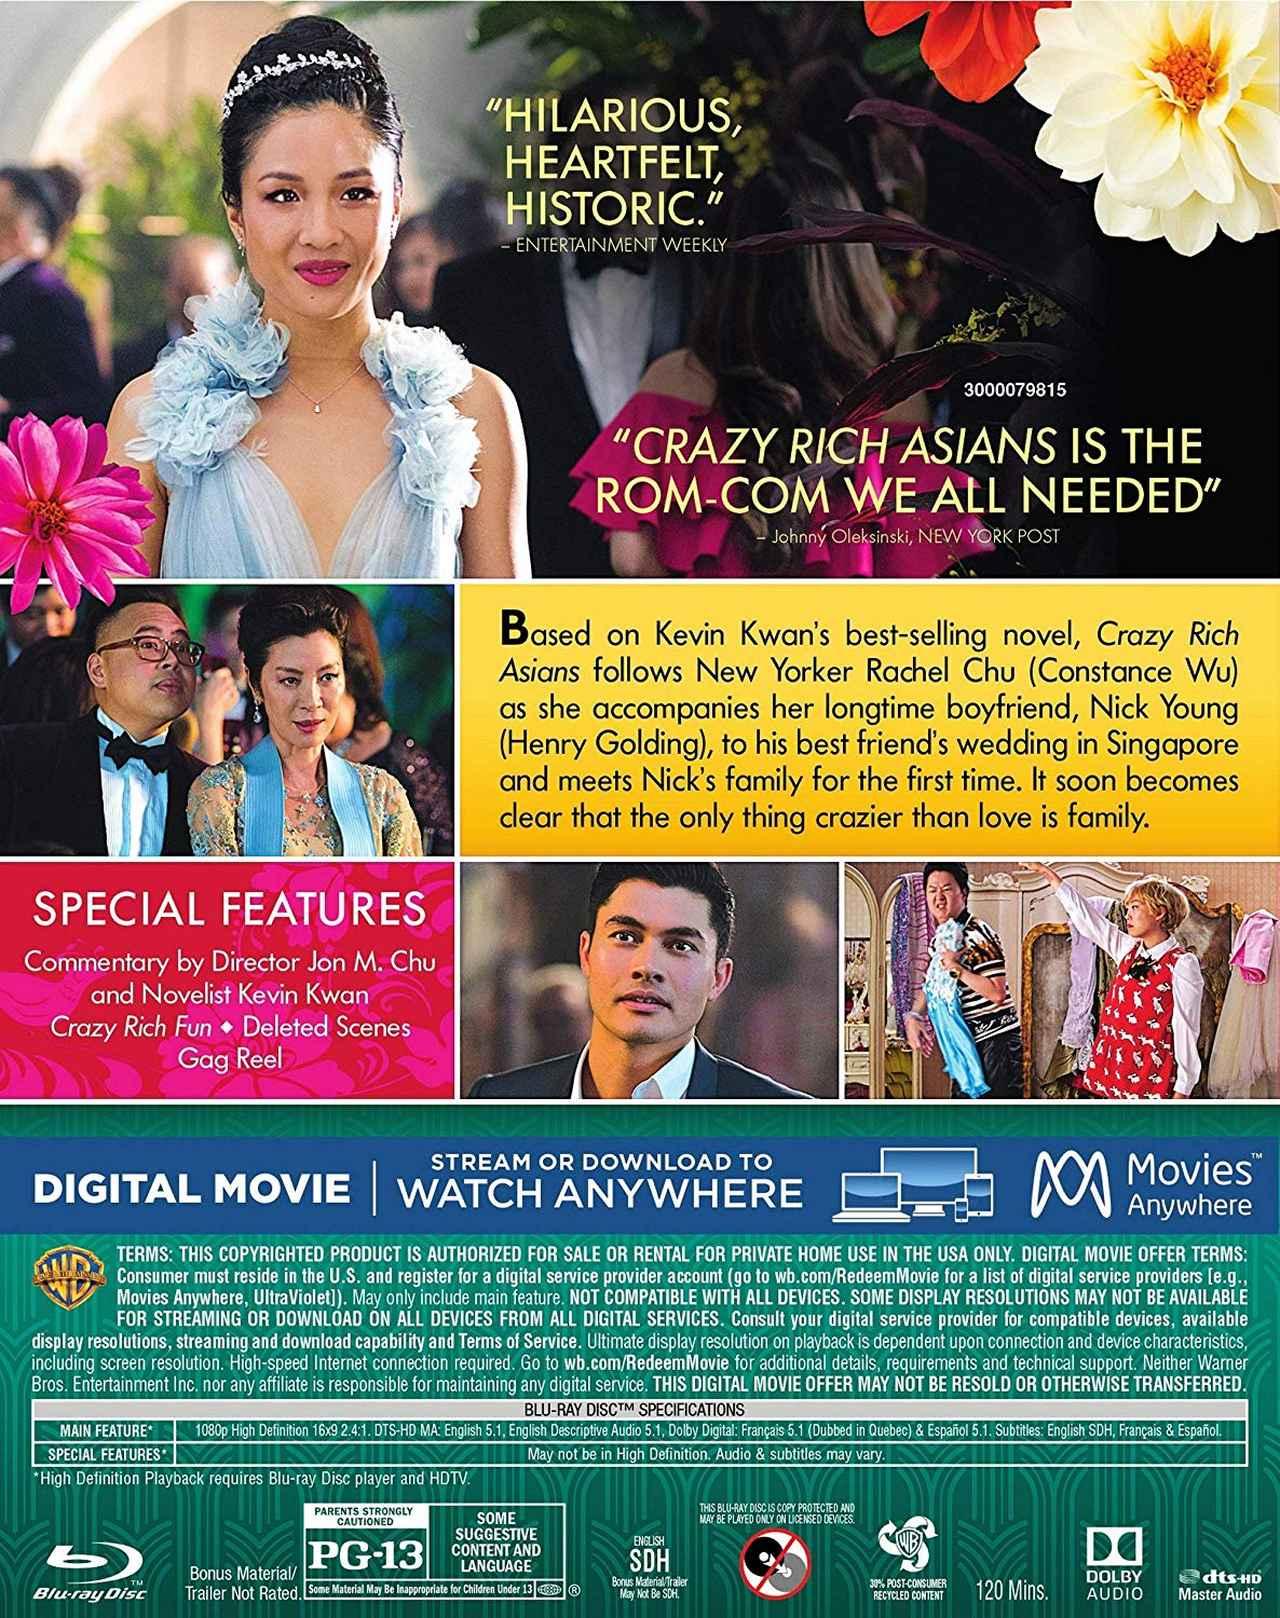 画像2: オール・アジア系俳優で贈るサプライズ・メガヒット作 『クレイジー・リッチ!』【海外盤Blu-ray発売情報】